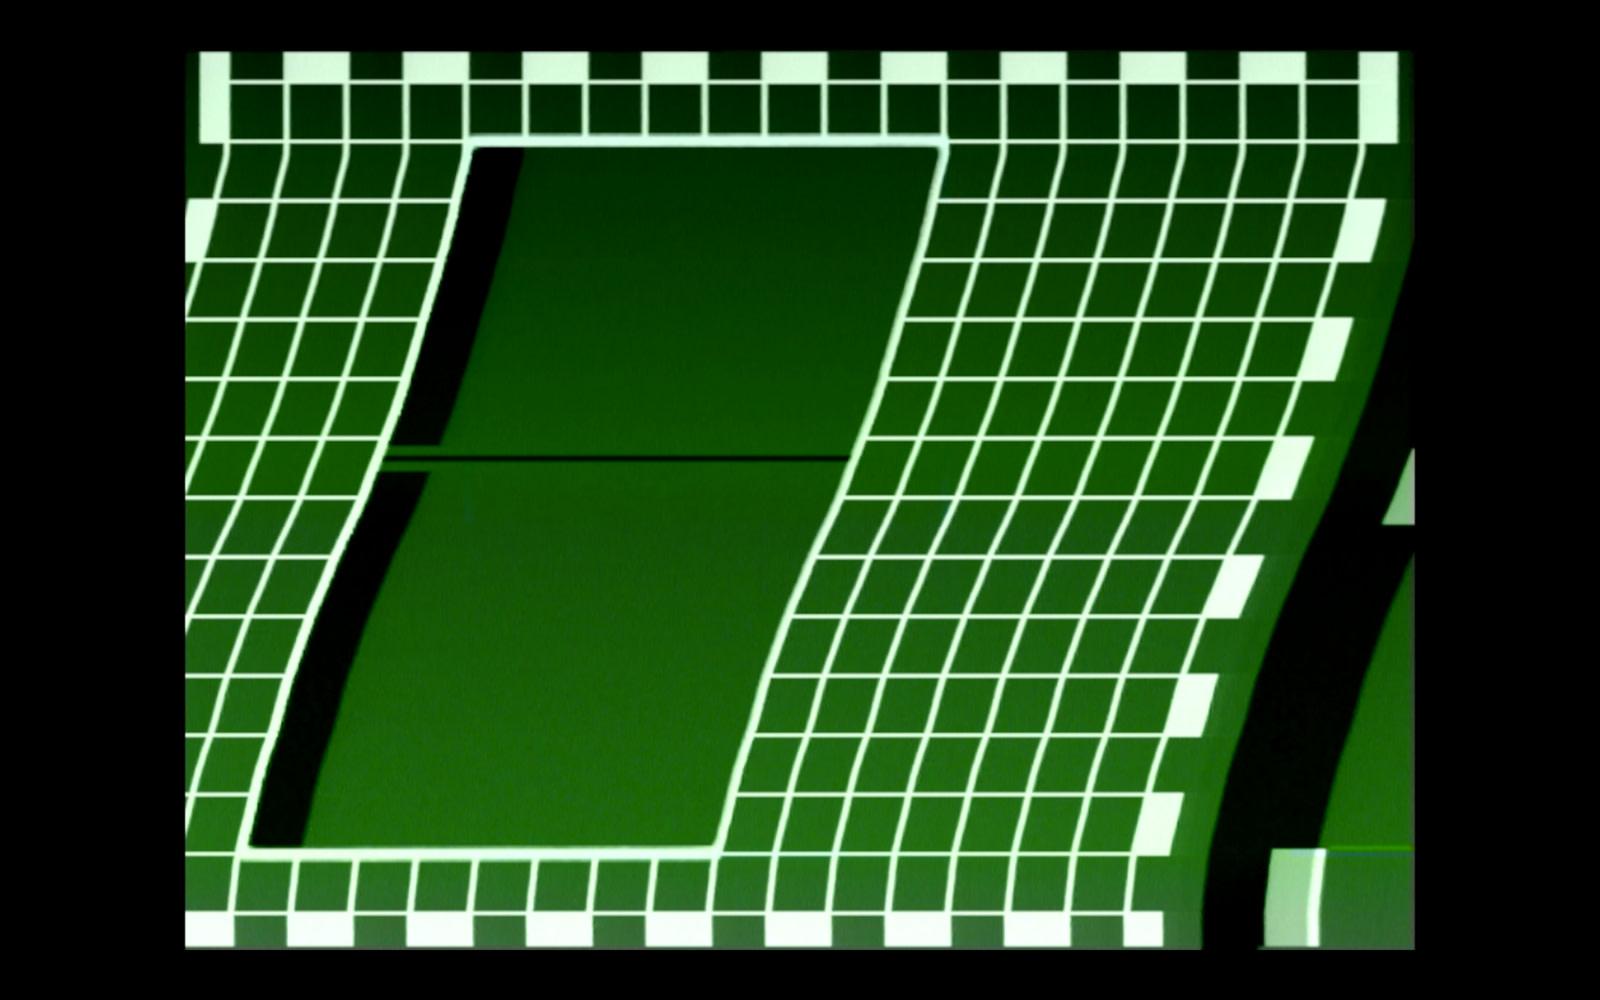 """<div class=""""artwork_caption""""><div class=""""title""""><em>Grid & Spike ed. of 5</em>, 2013</div><div class=""""medium"""">video</div><div class=""""dimensions"""">dur: 2 min, 54 sec</div><div class=""""edition_details""""></div></div>"""